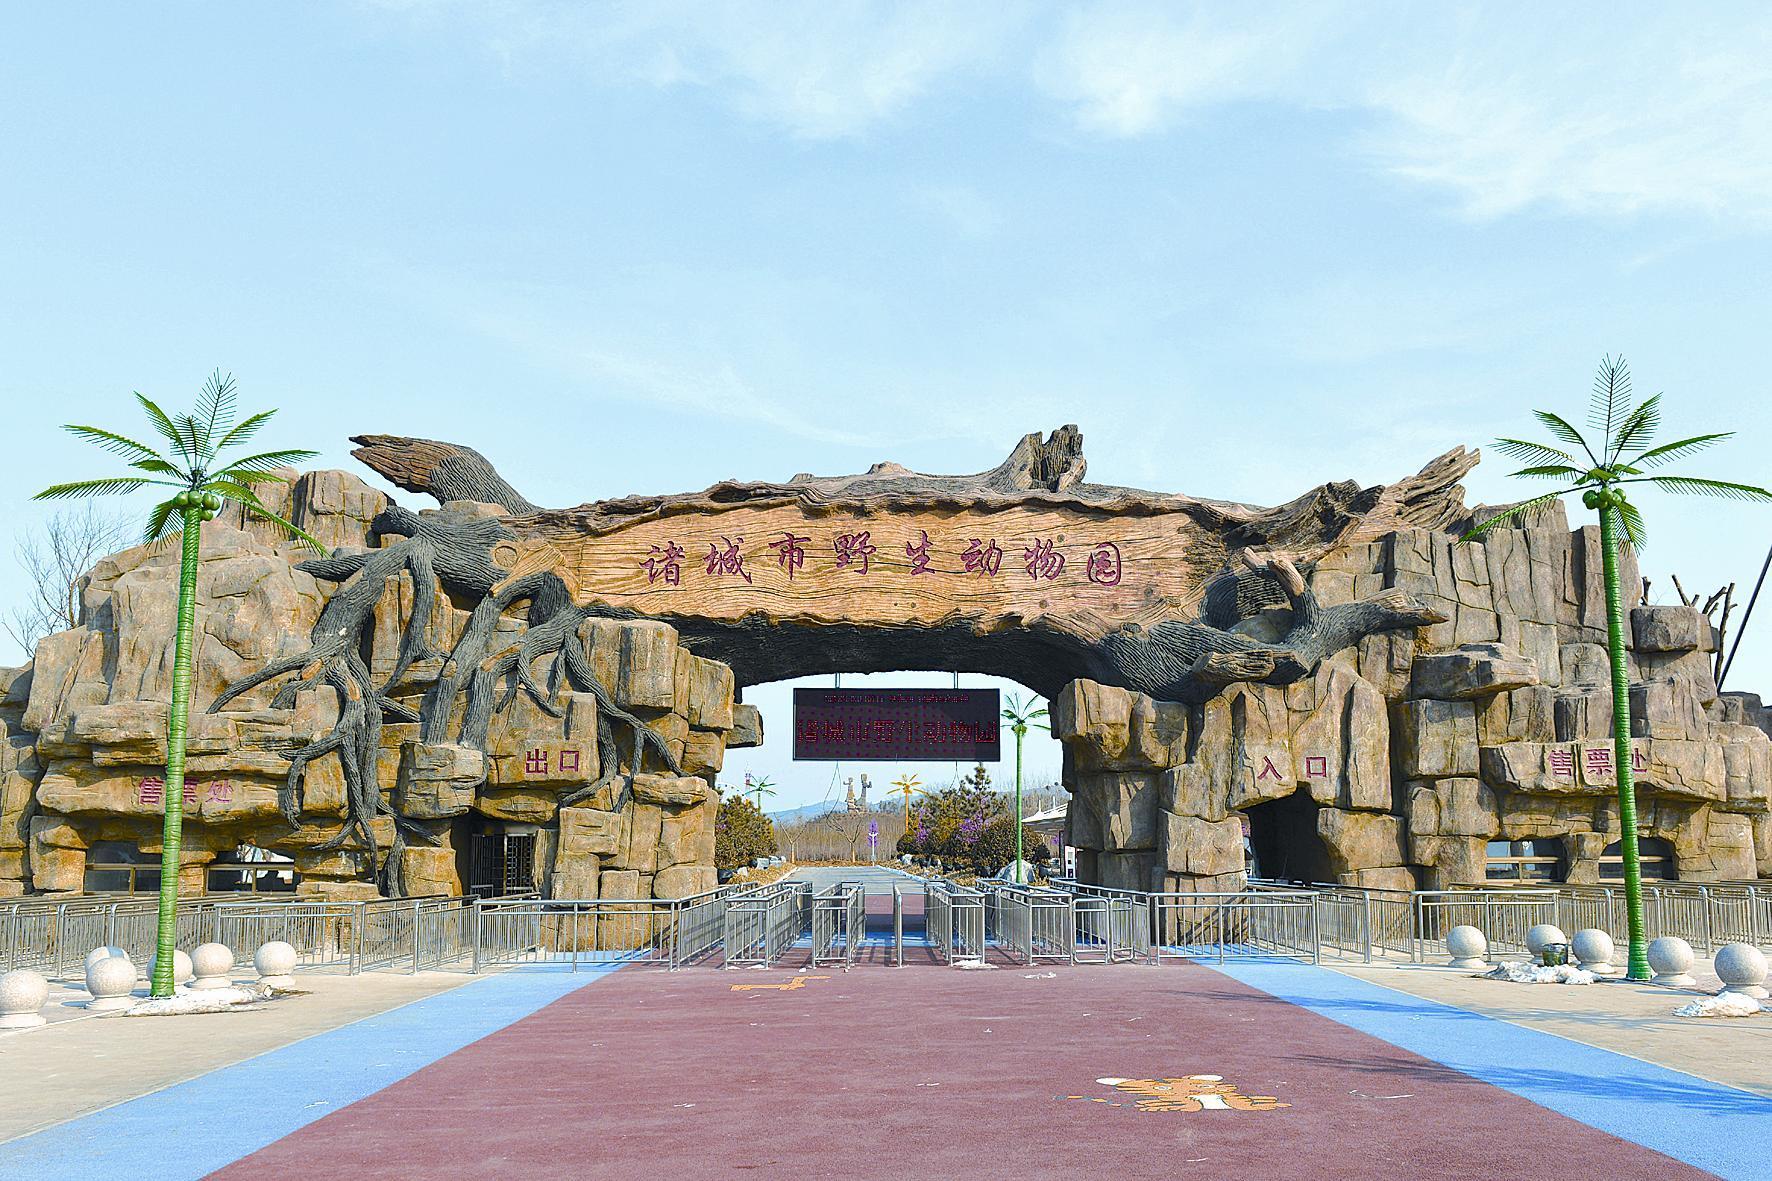 (记者张勇 通讯员傅汝强)2月4日,记者在位于我市南湖区的野生动物园看